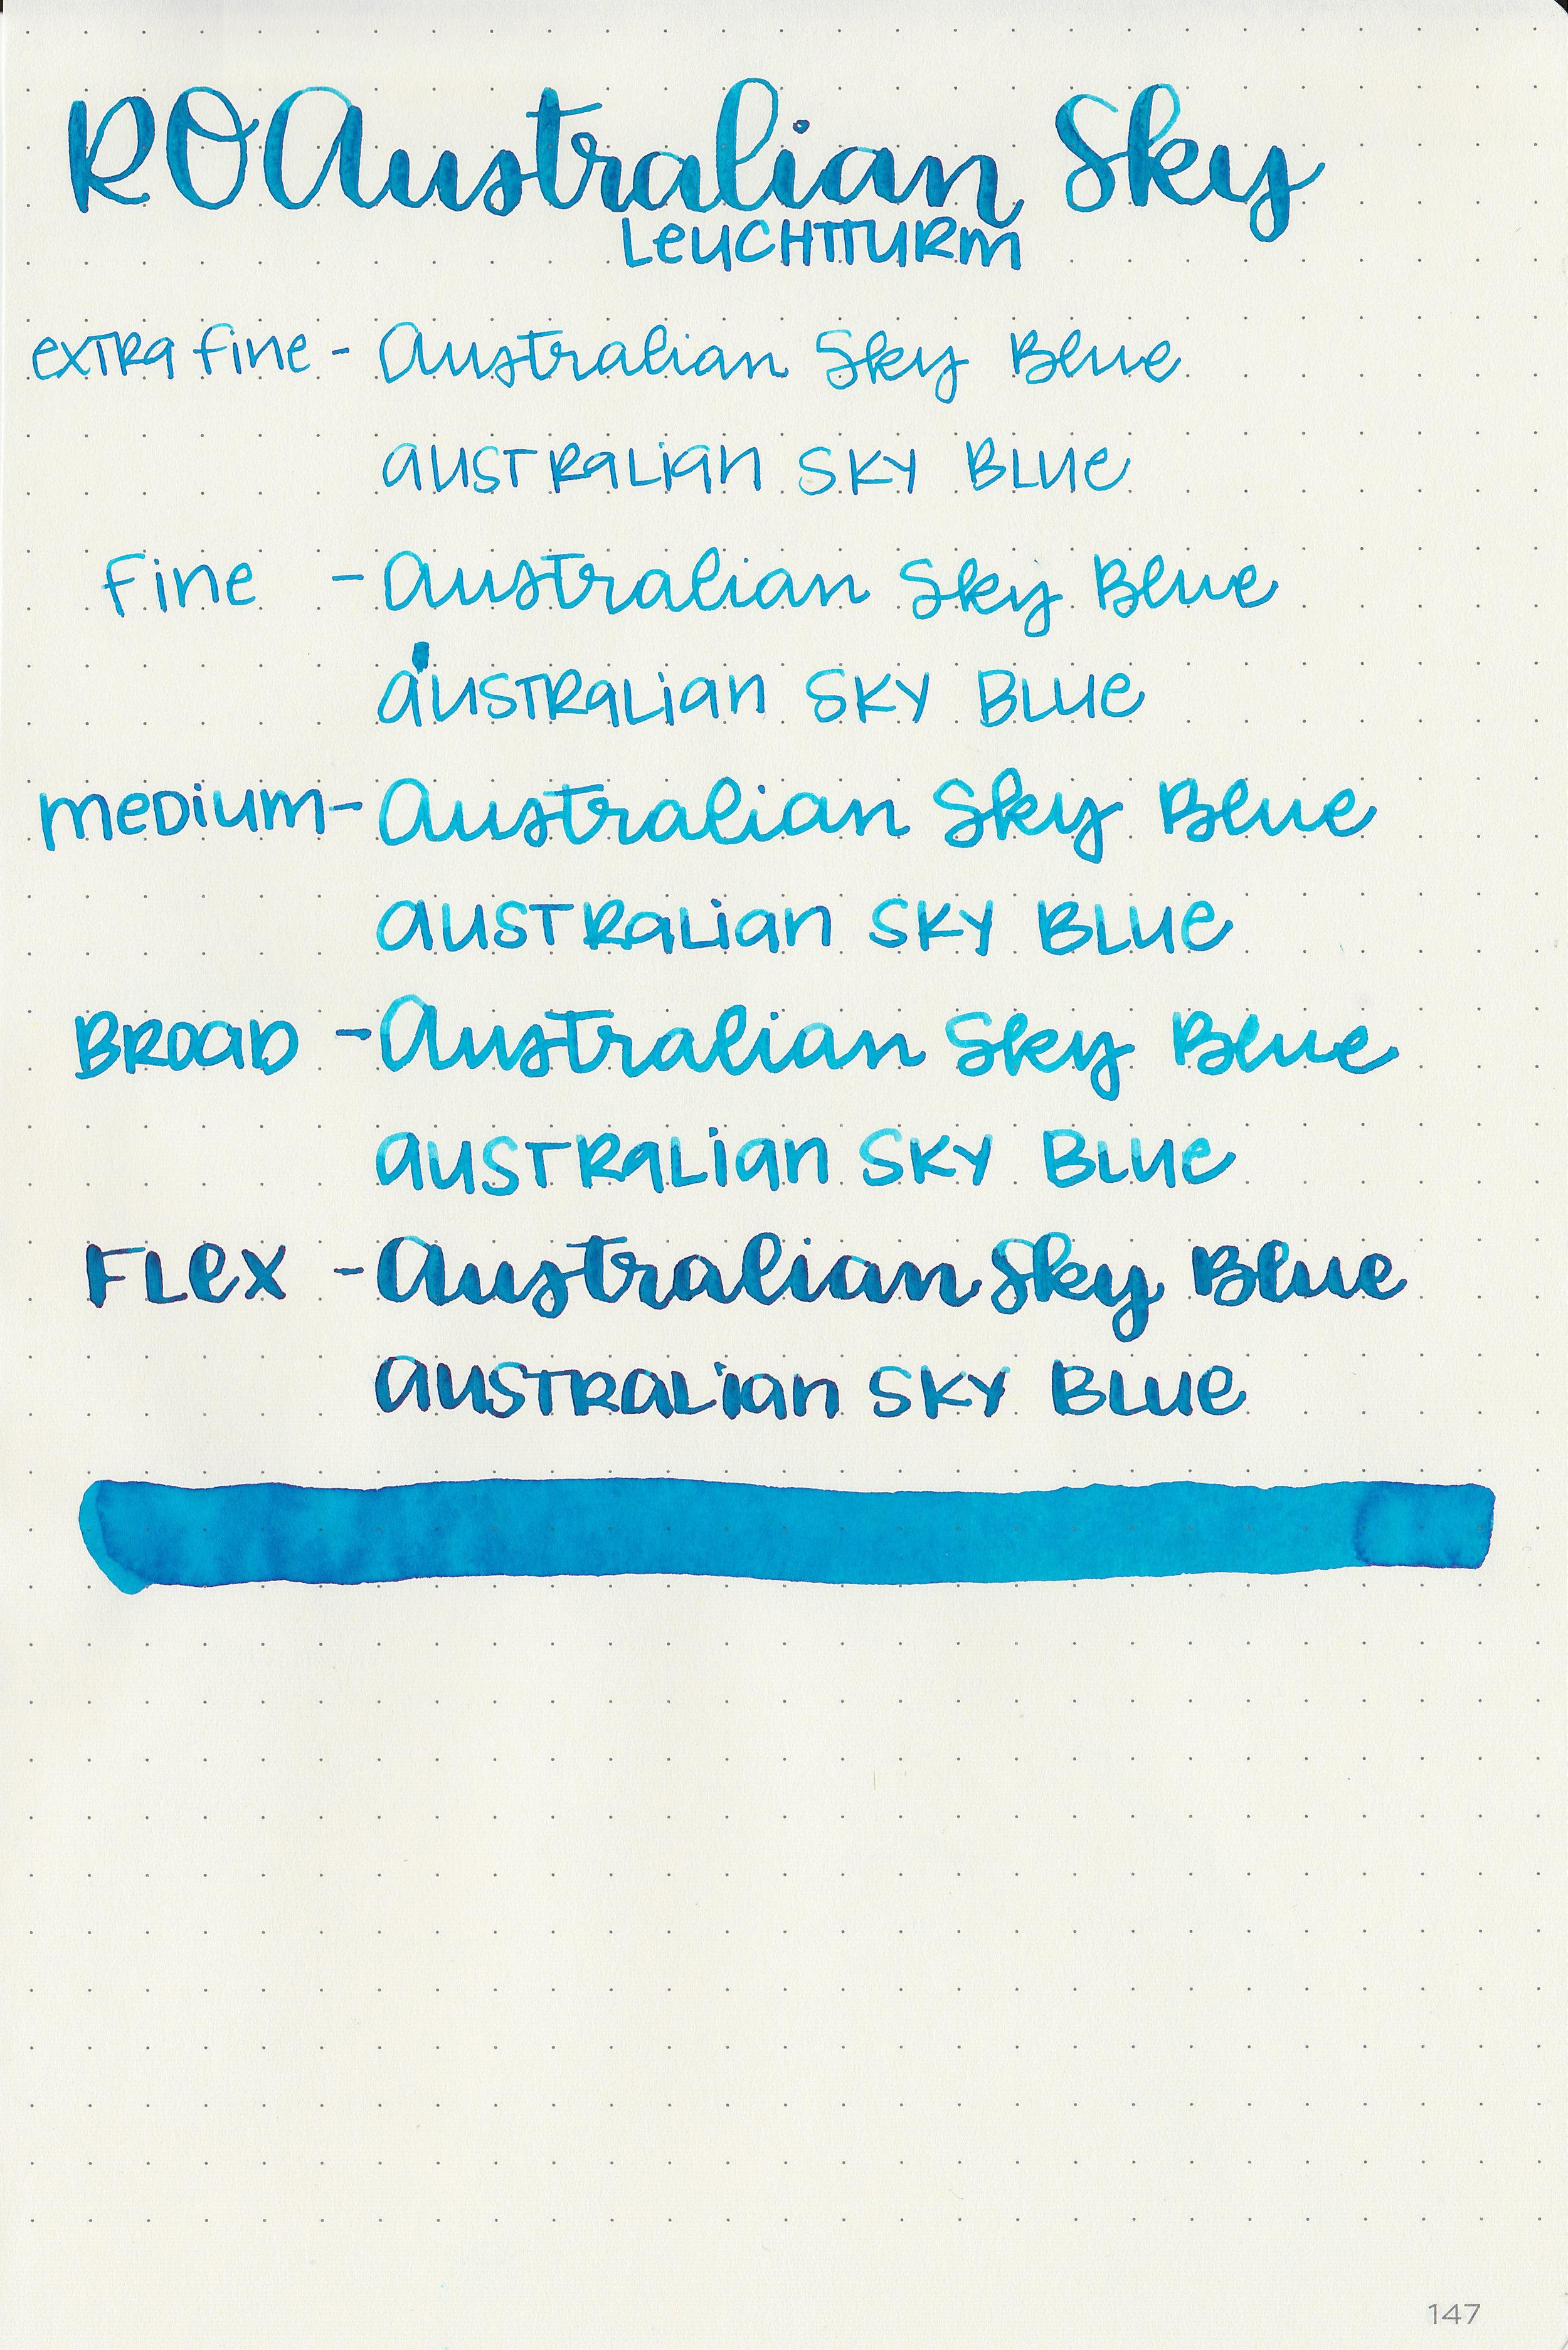 ro-australian-sky-blue-21.jpg